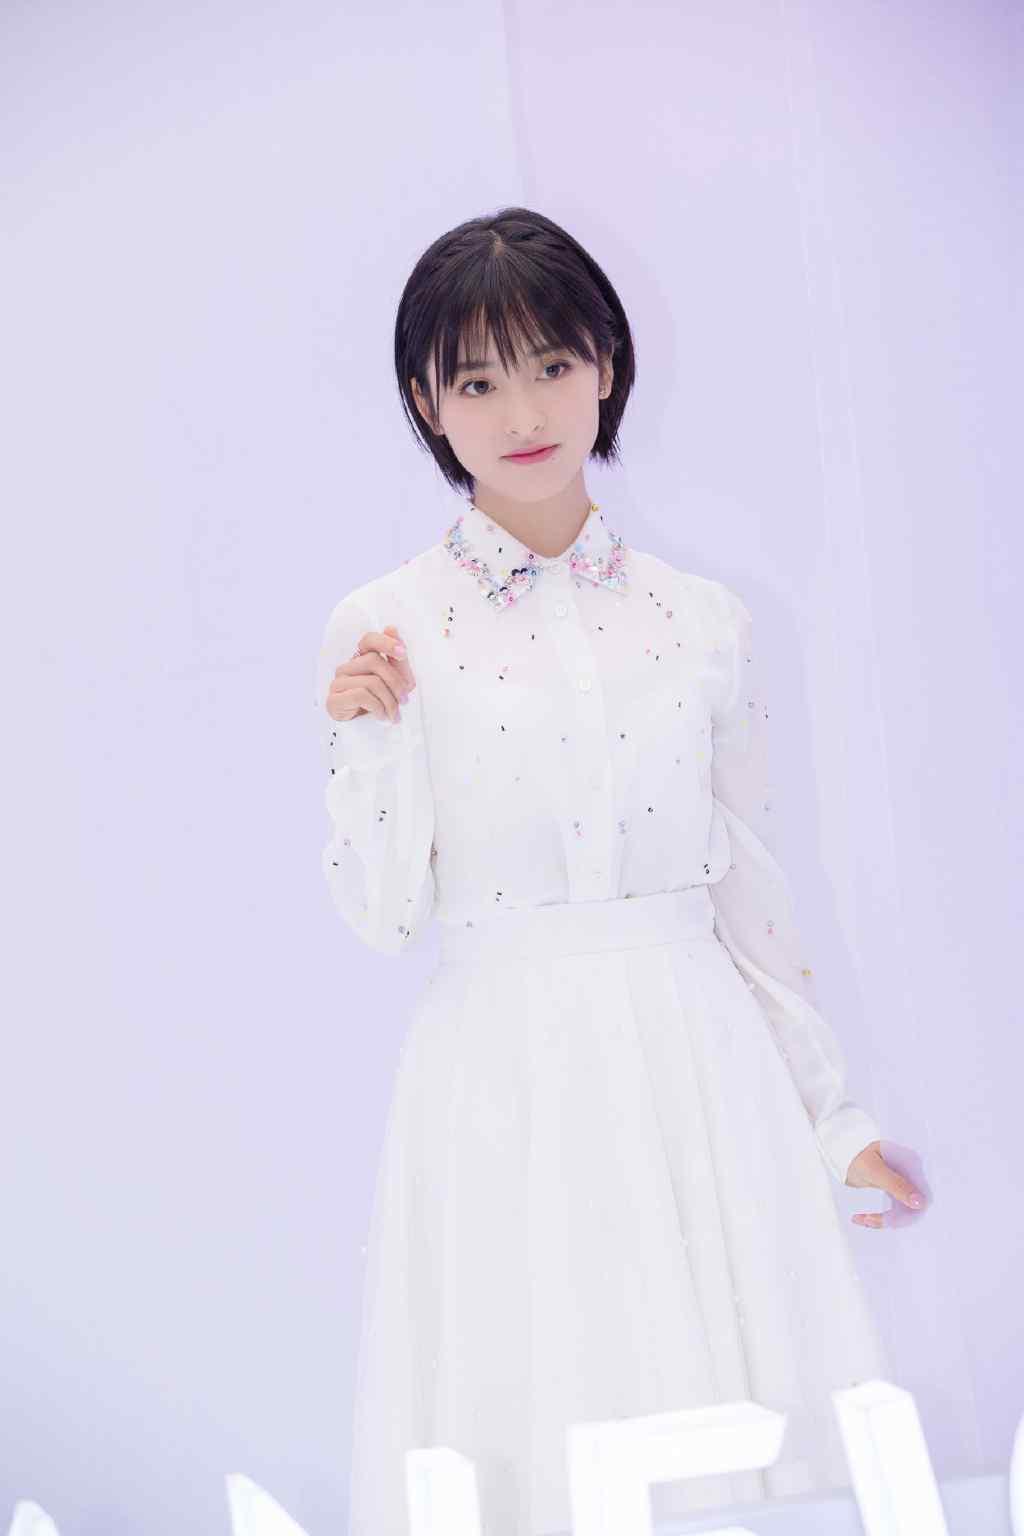 沈月白裙飘飘仙女